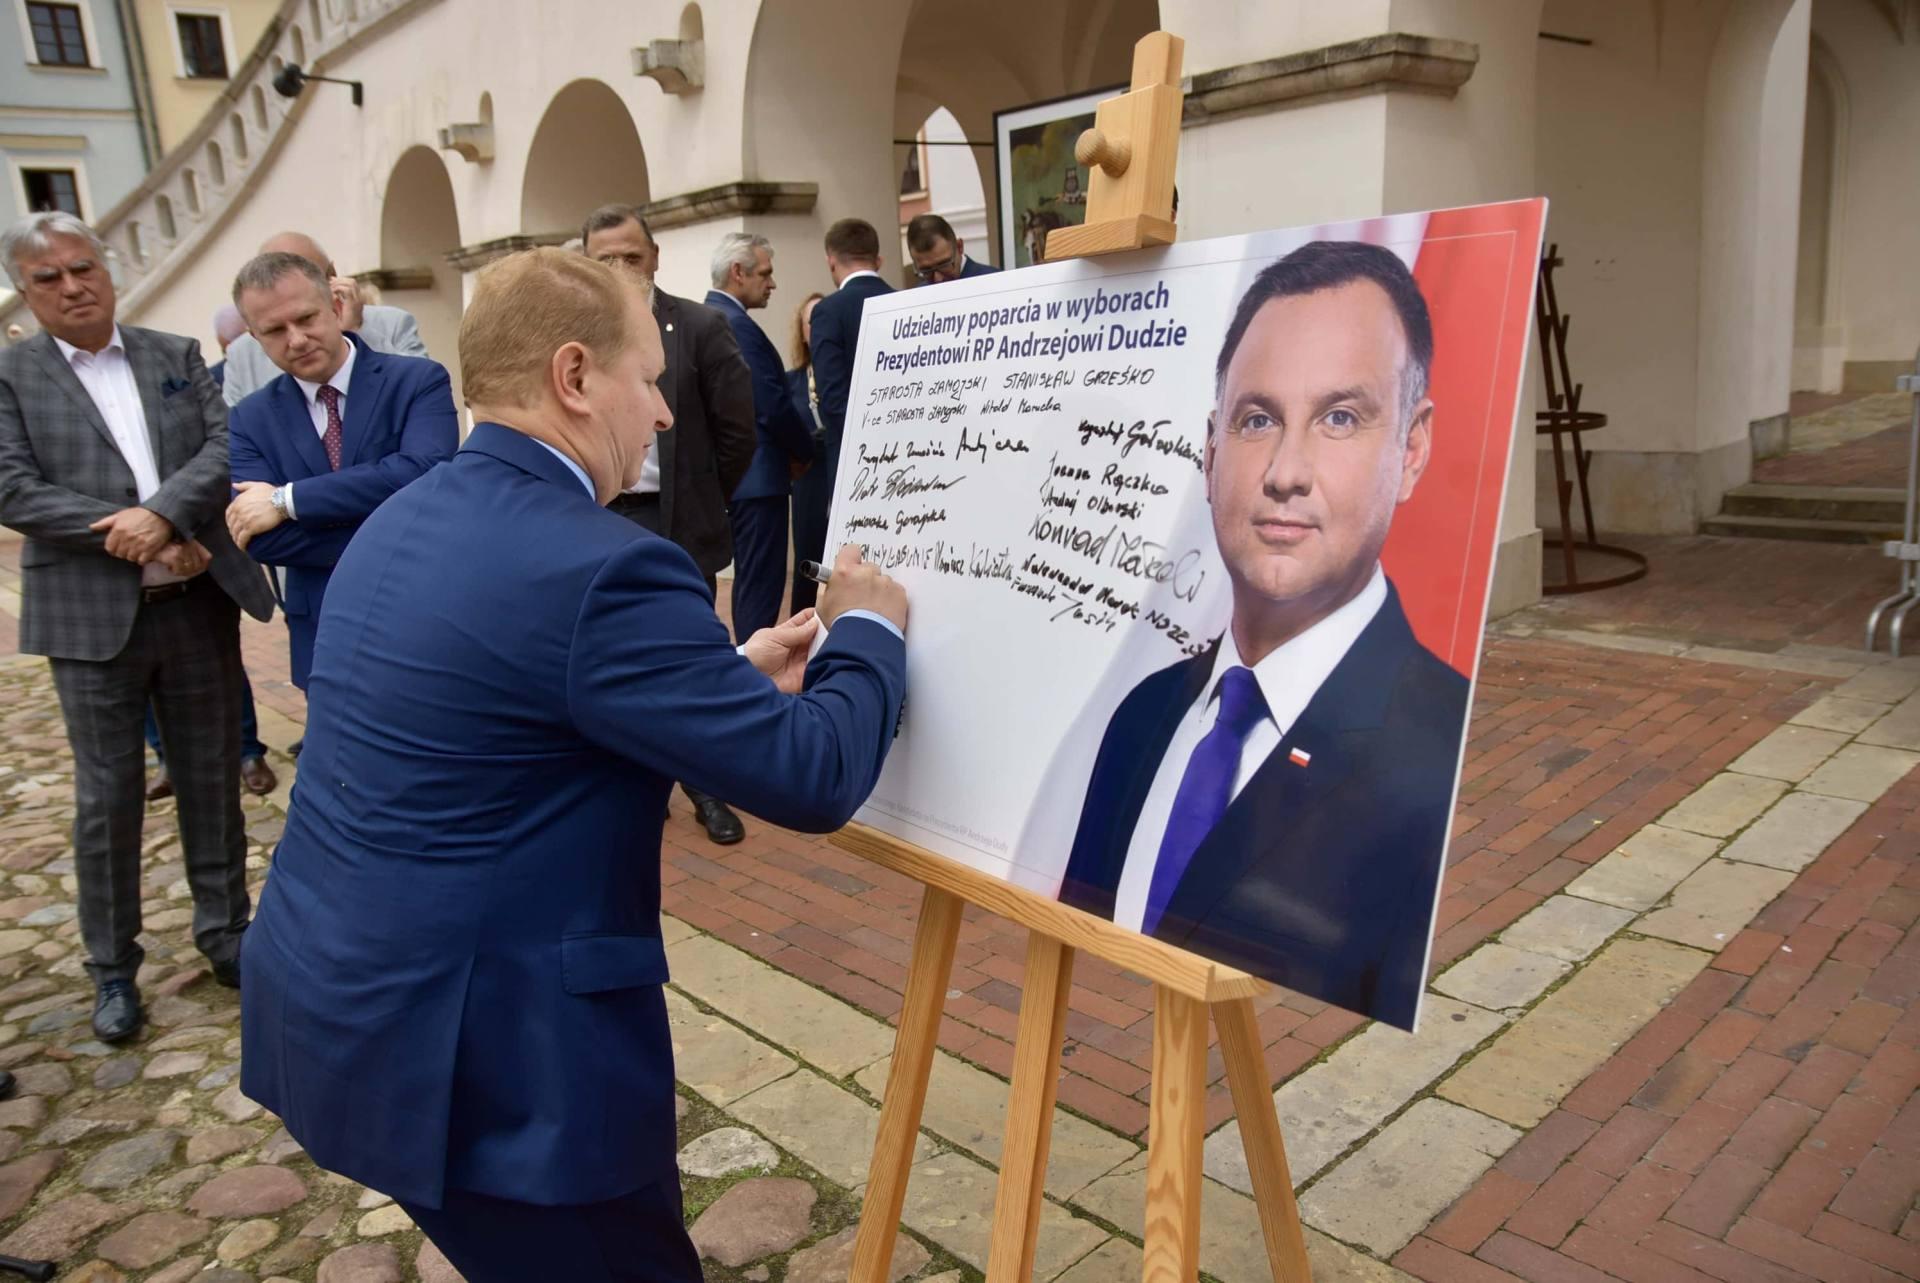 dsc 7788 Zamość: Udzielili poparcia prezydentowi Andrzejowi Dudzie